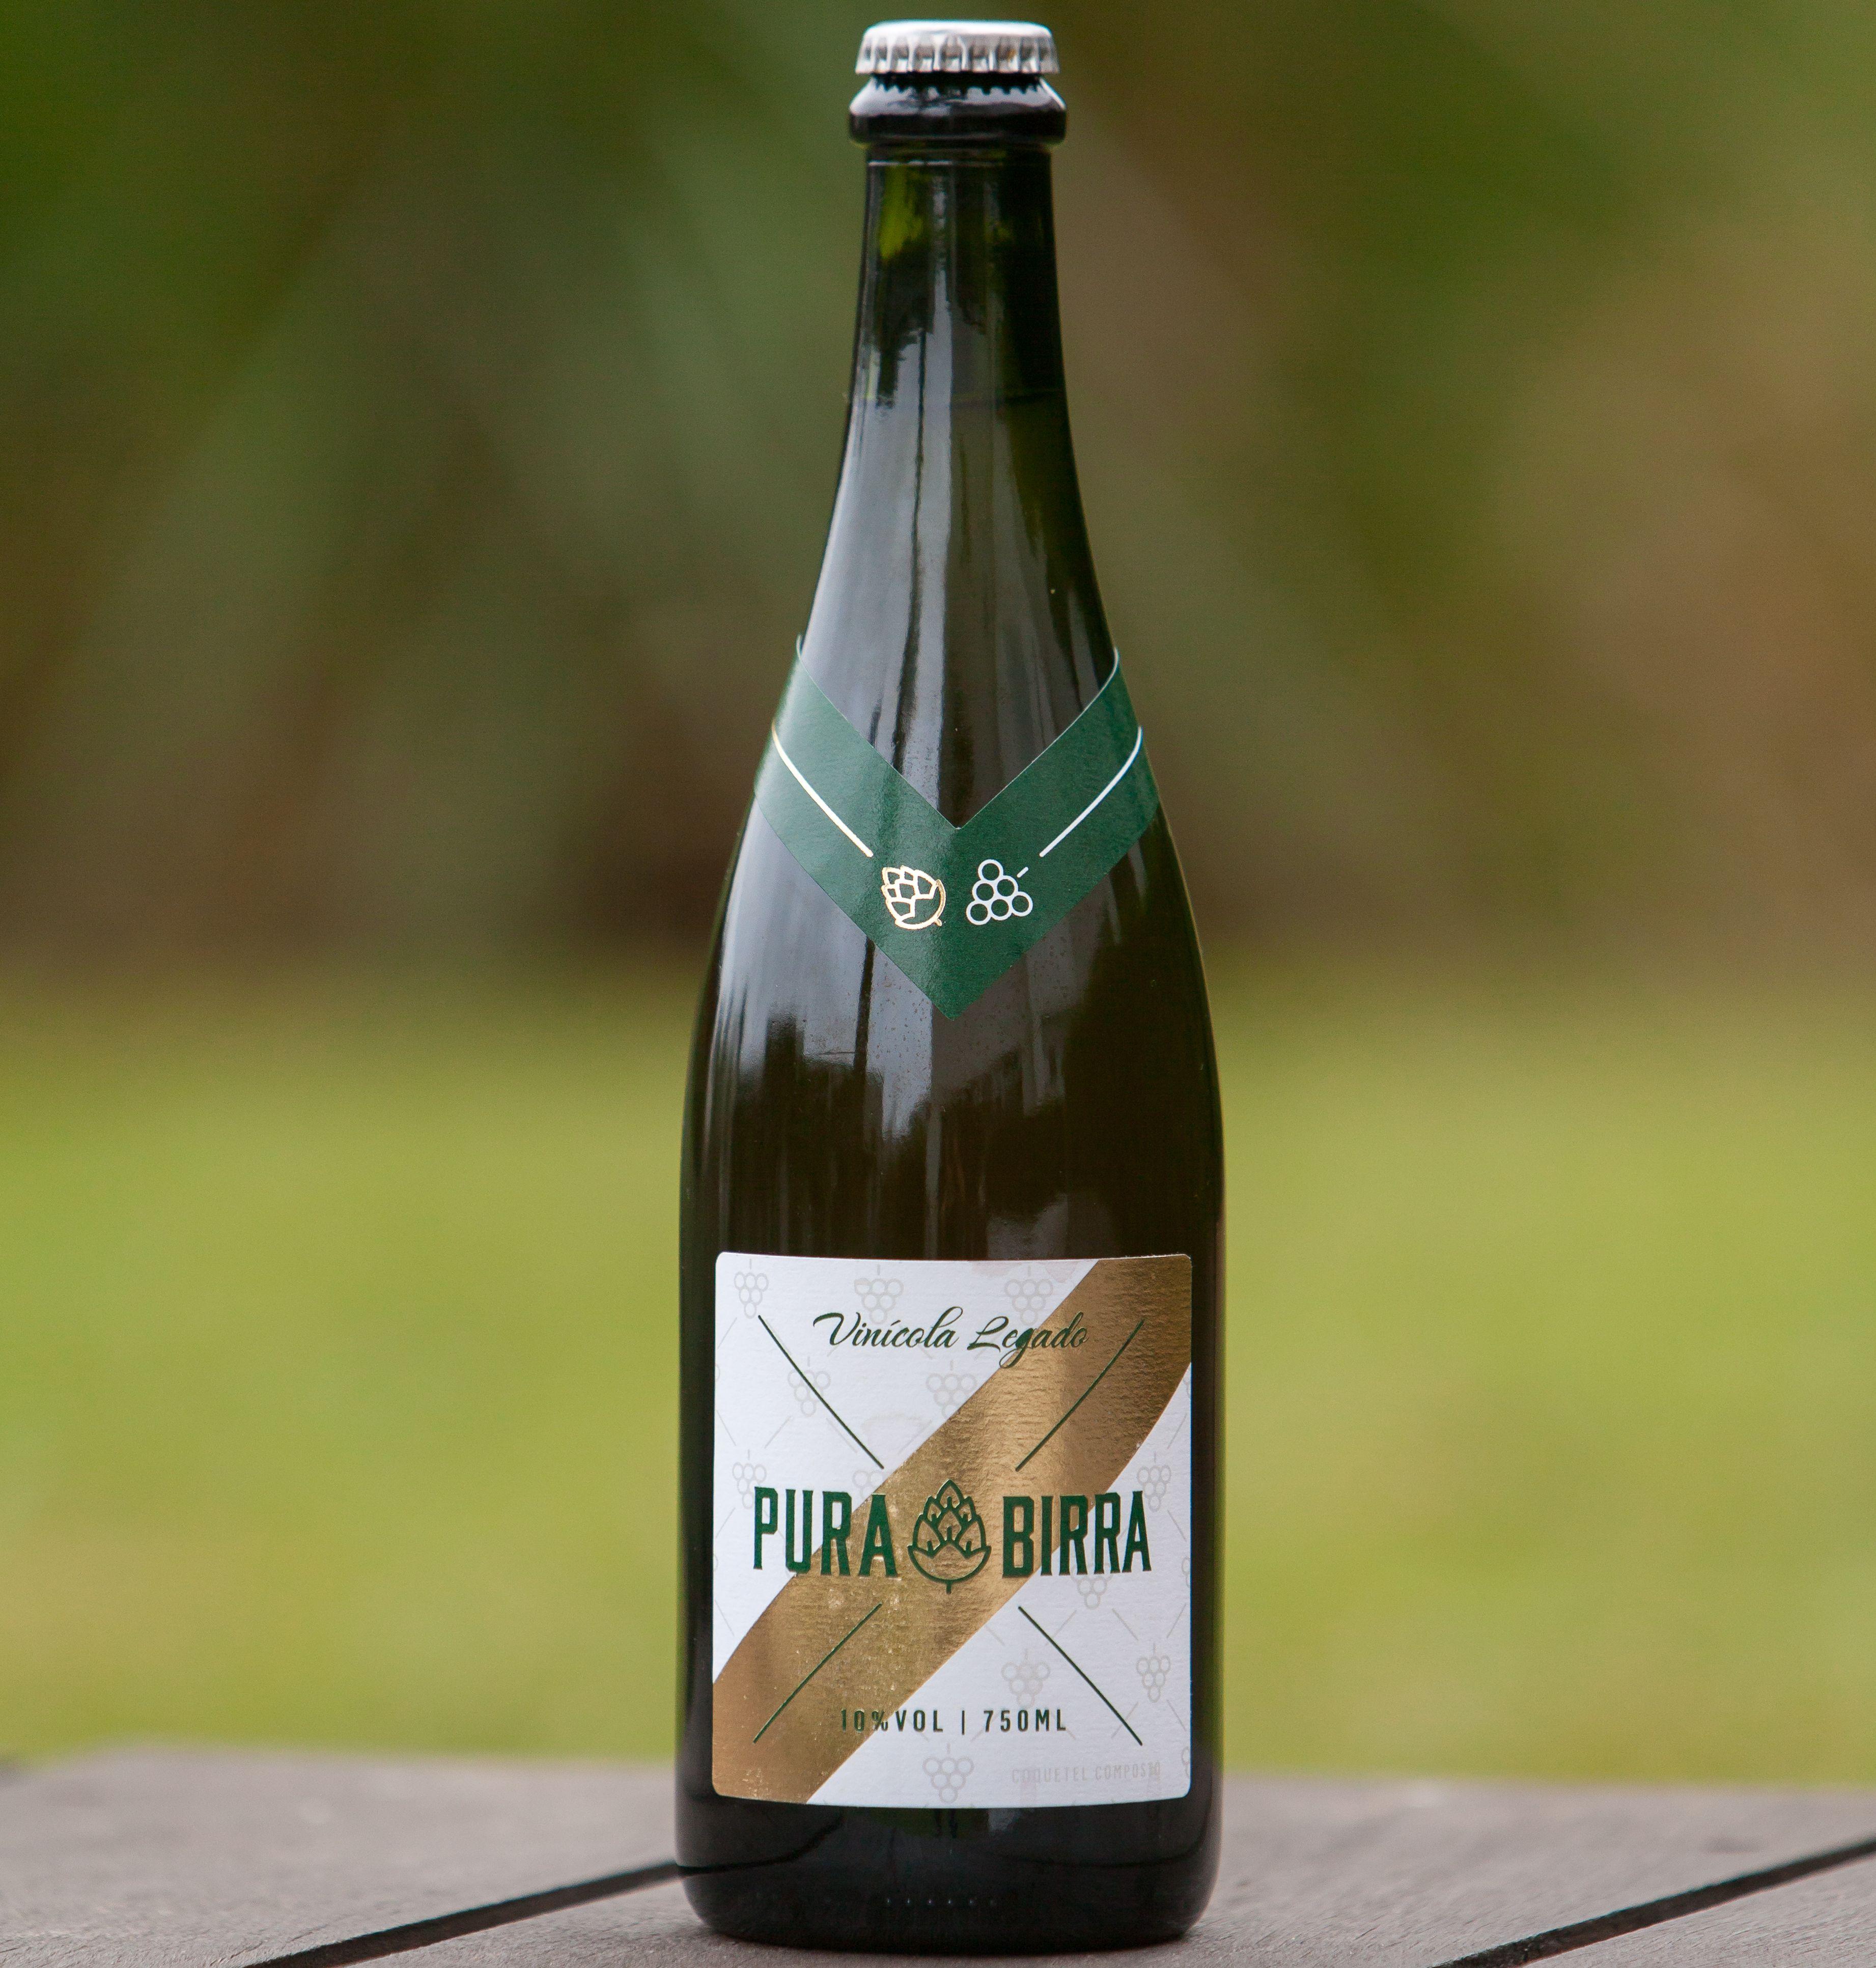 Pura Birra, vinho com cerveja, da Vinícola Legado.